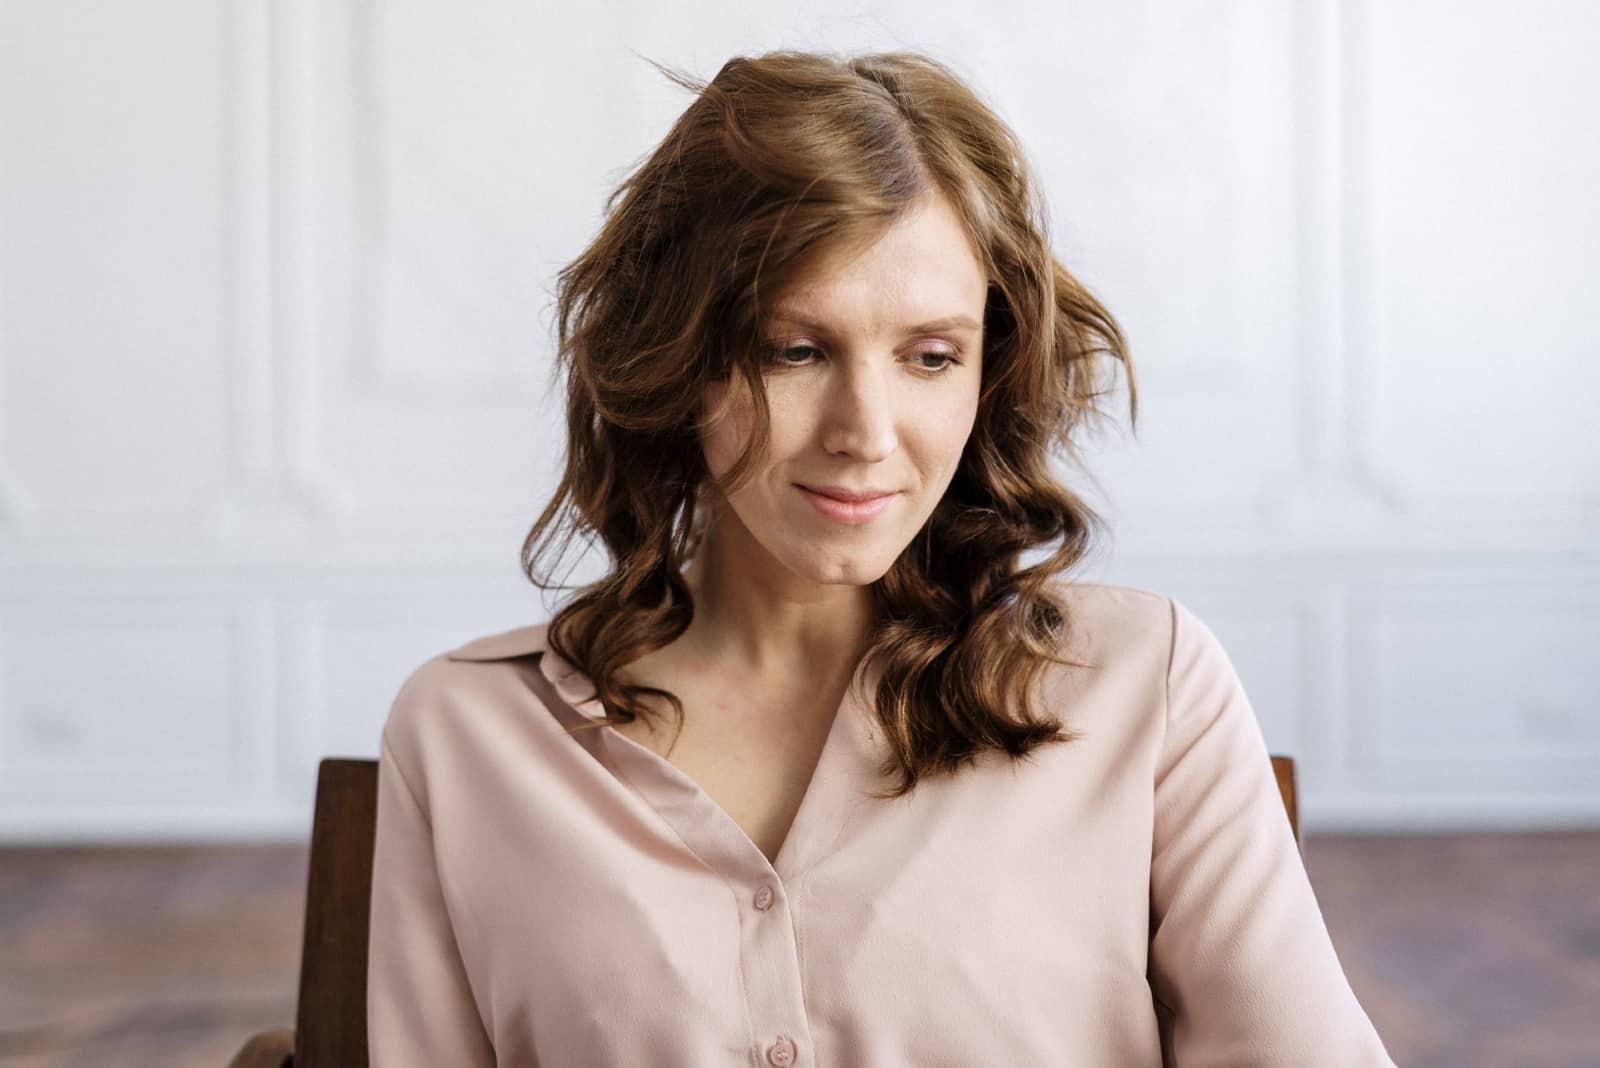 Femme triste en chemise boutonnée blanche assise sur une chaise